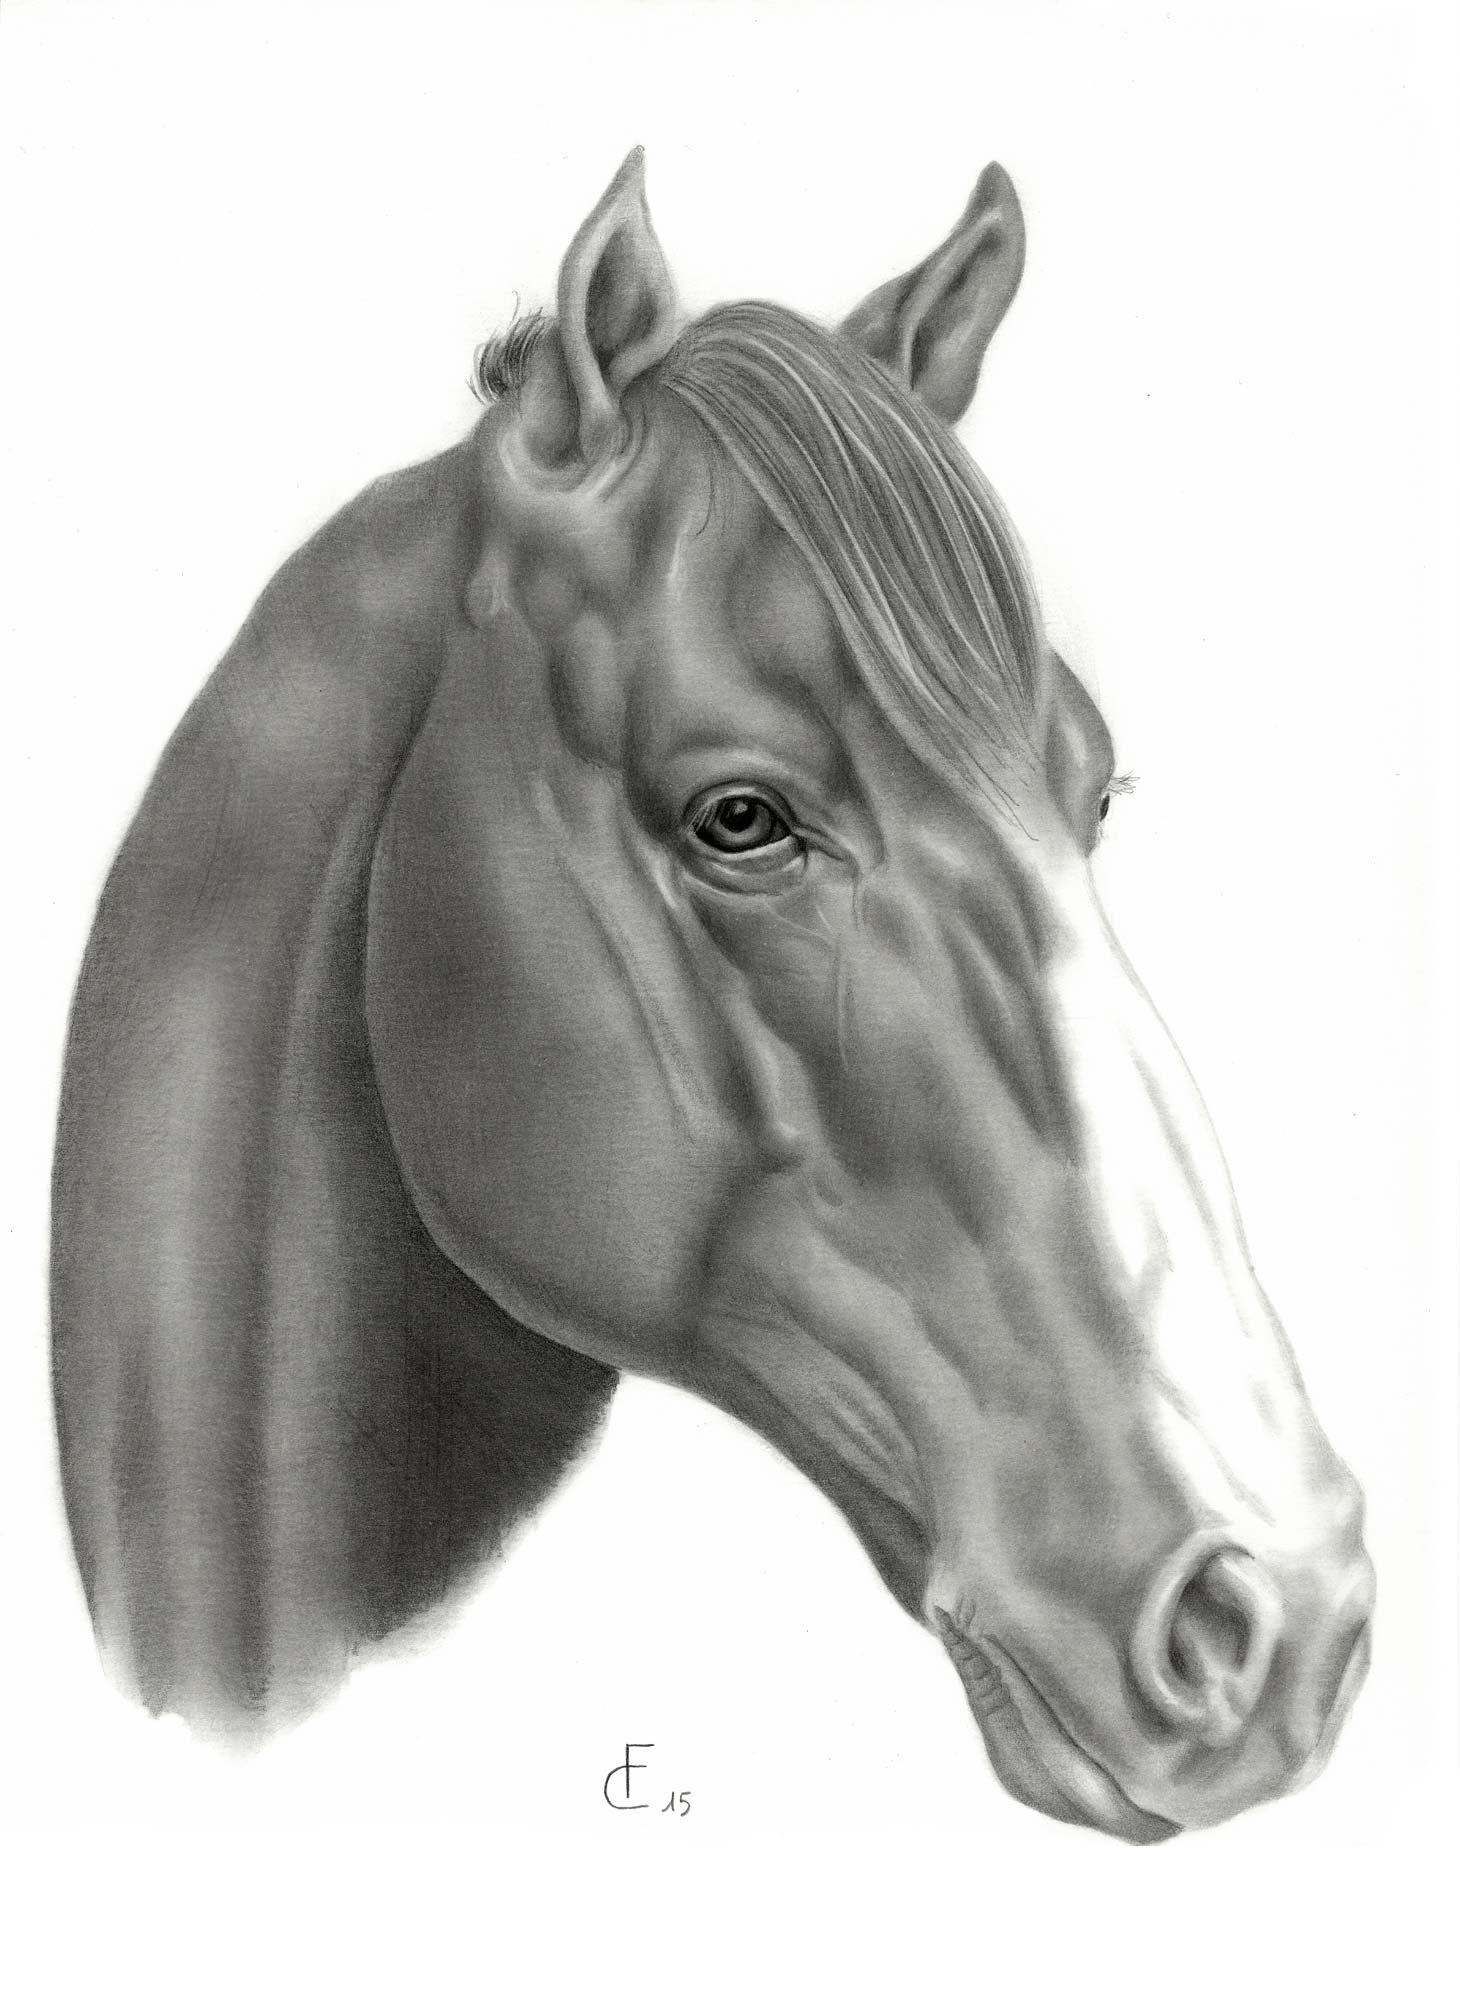 Disegni di cavalli jf78 pineglen for Disegno cavallo stilizzato